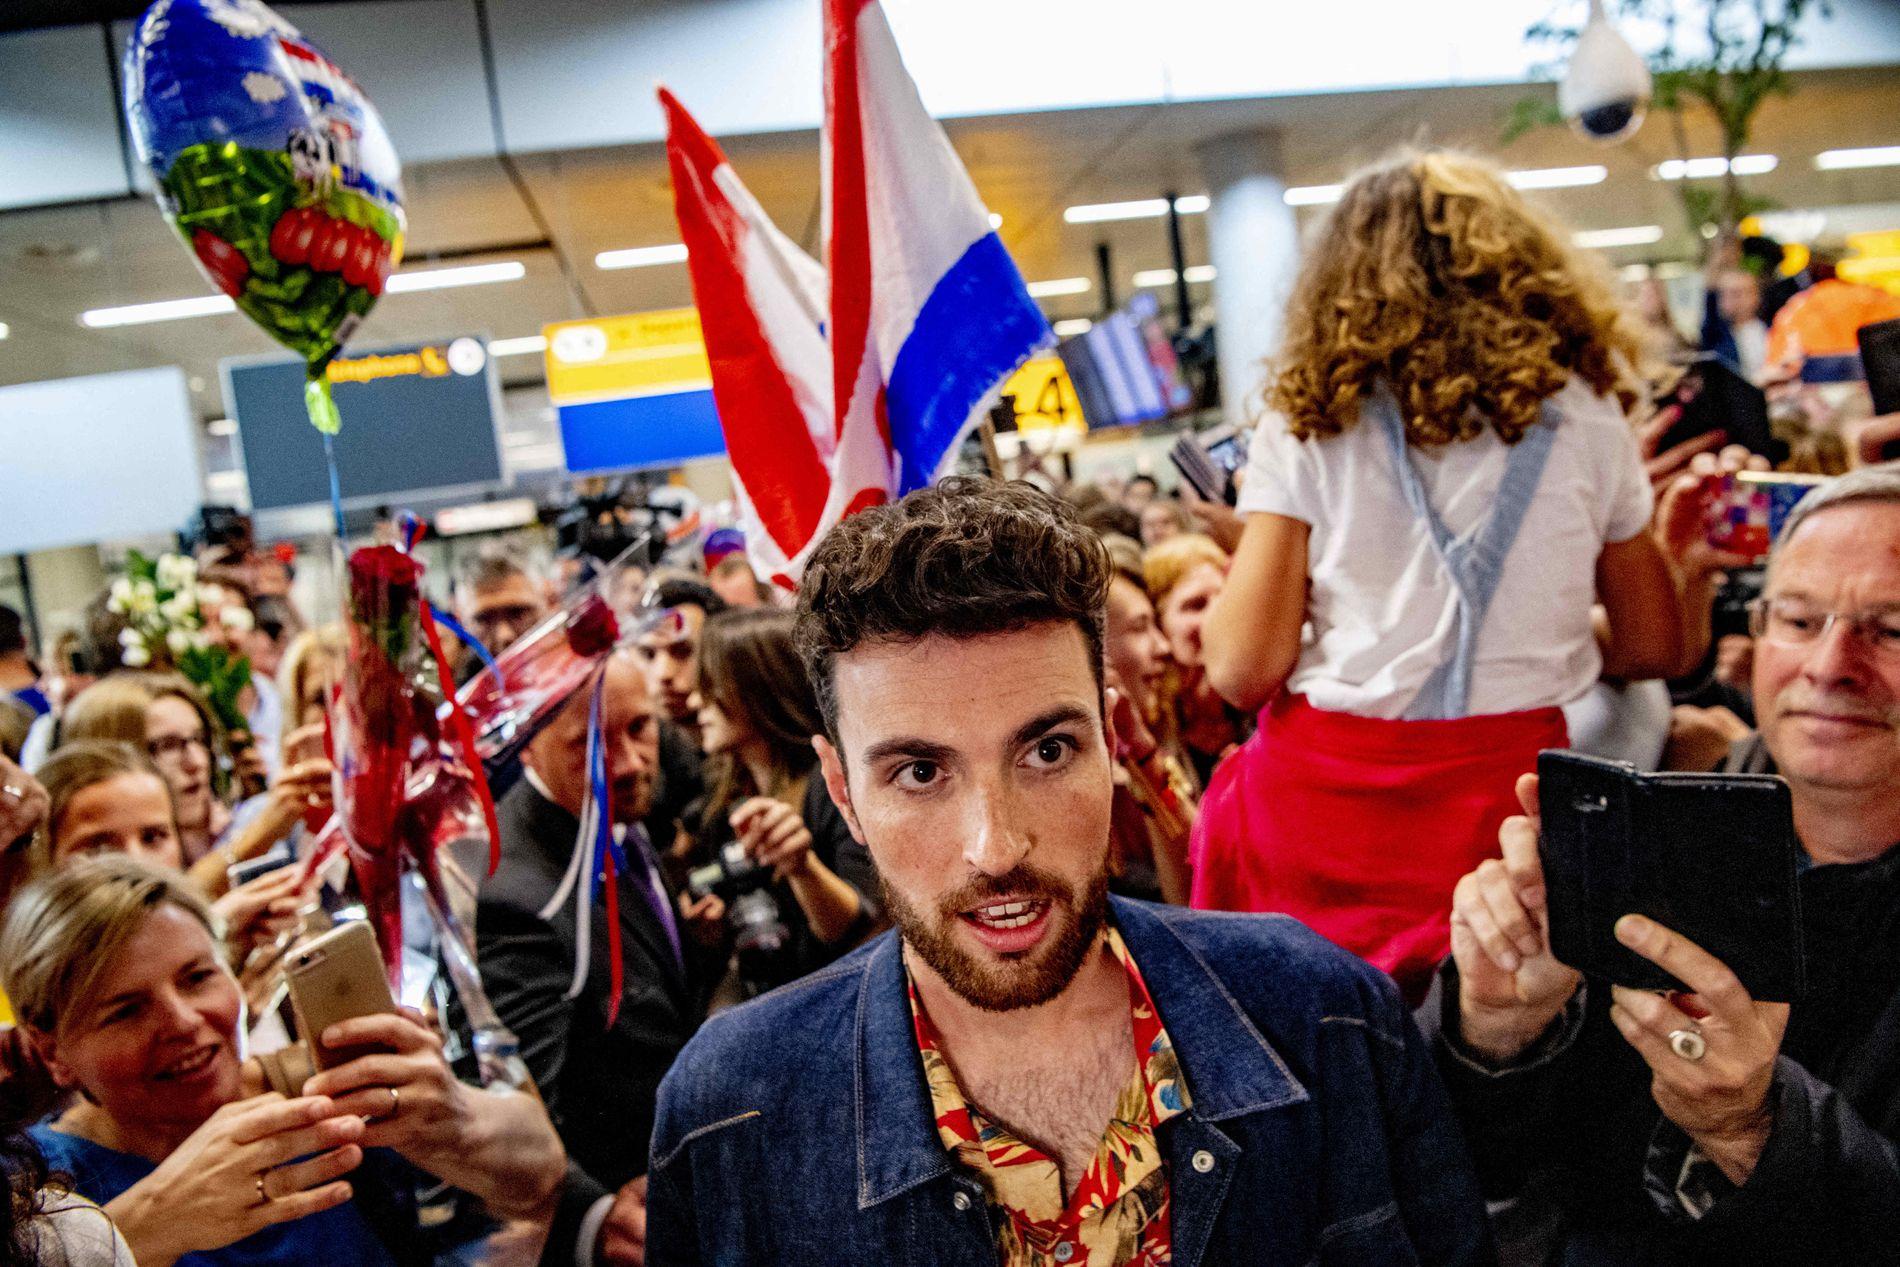 PROFET I EGET HJEMLAND: Duncan Laurence ble varmt mottatt da han kom hjem til Amsterdam etter ESC-seieren i Tel Aviv.